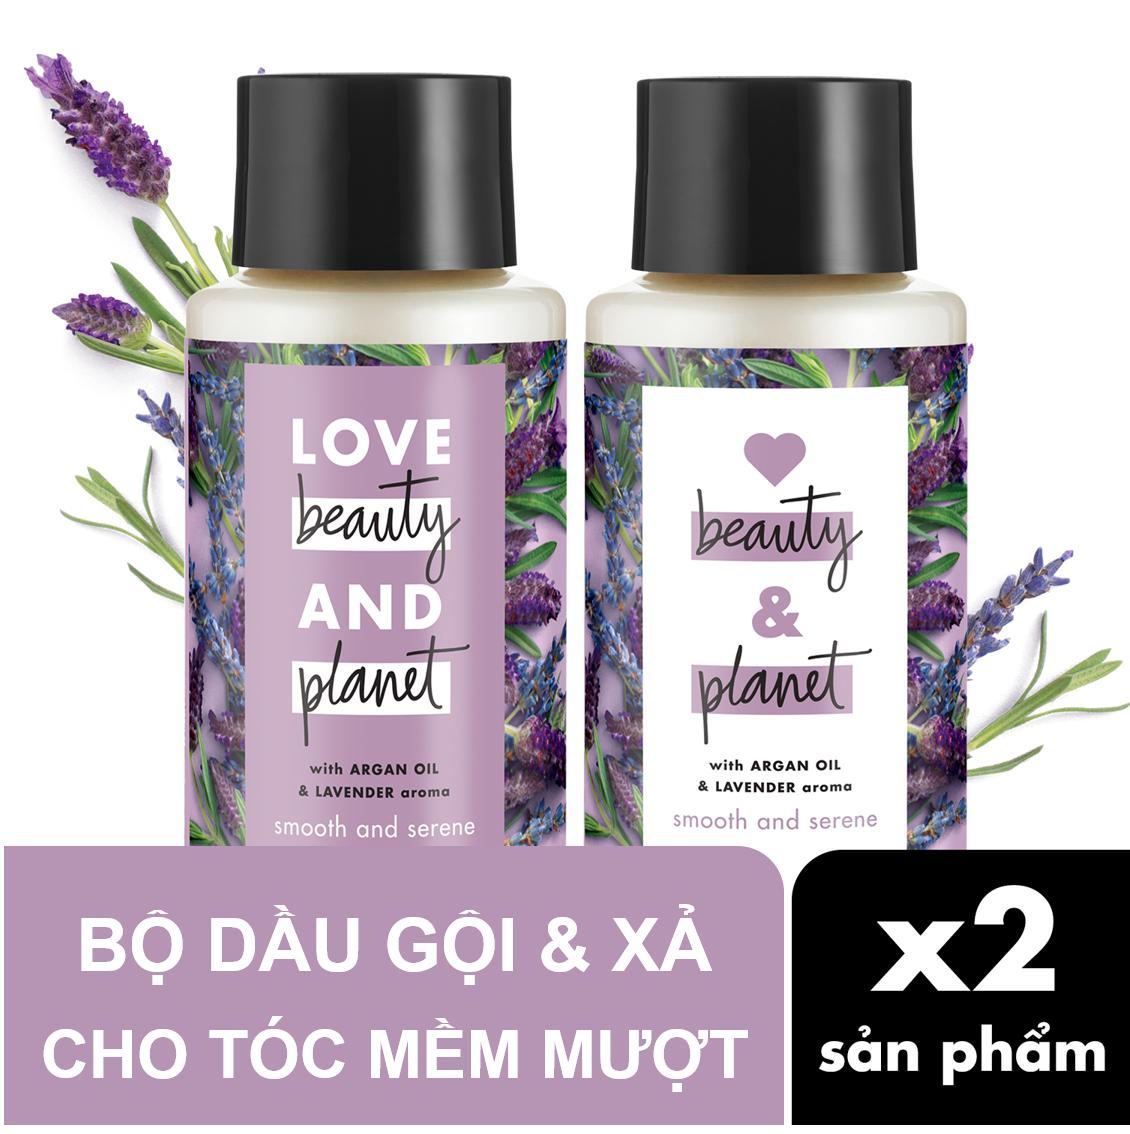 Combo cho tóc mềm mượt dầu gội & dầu xả Love Beauty & Planet 400ml